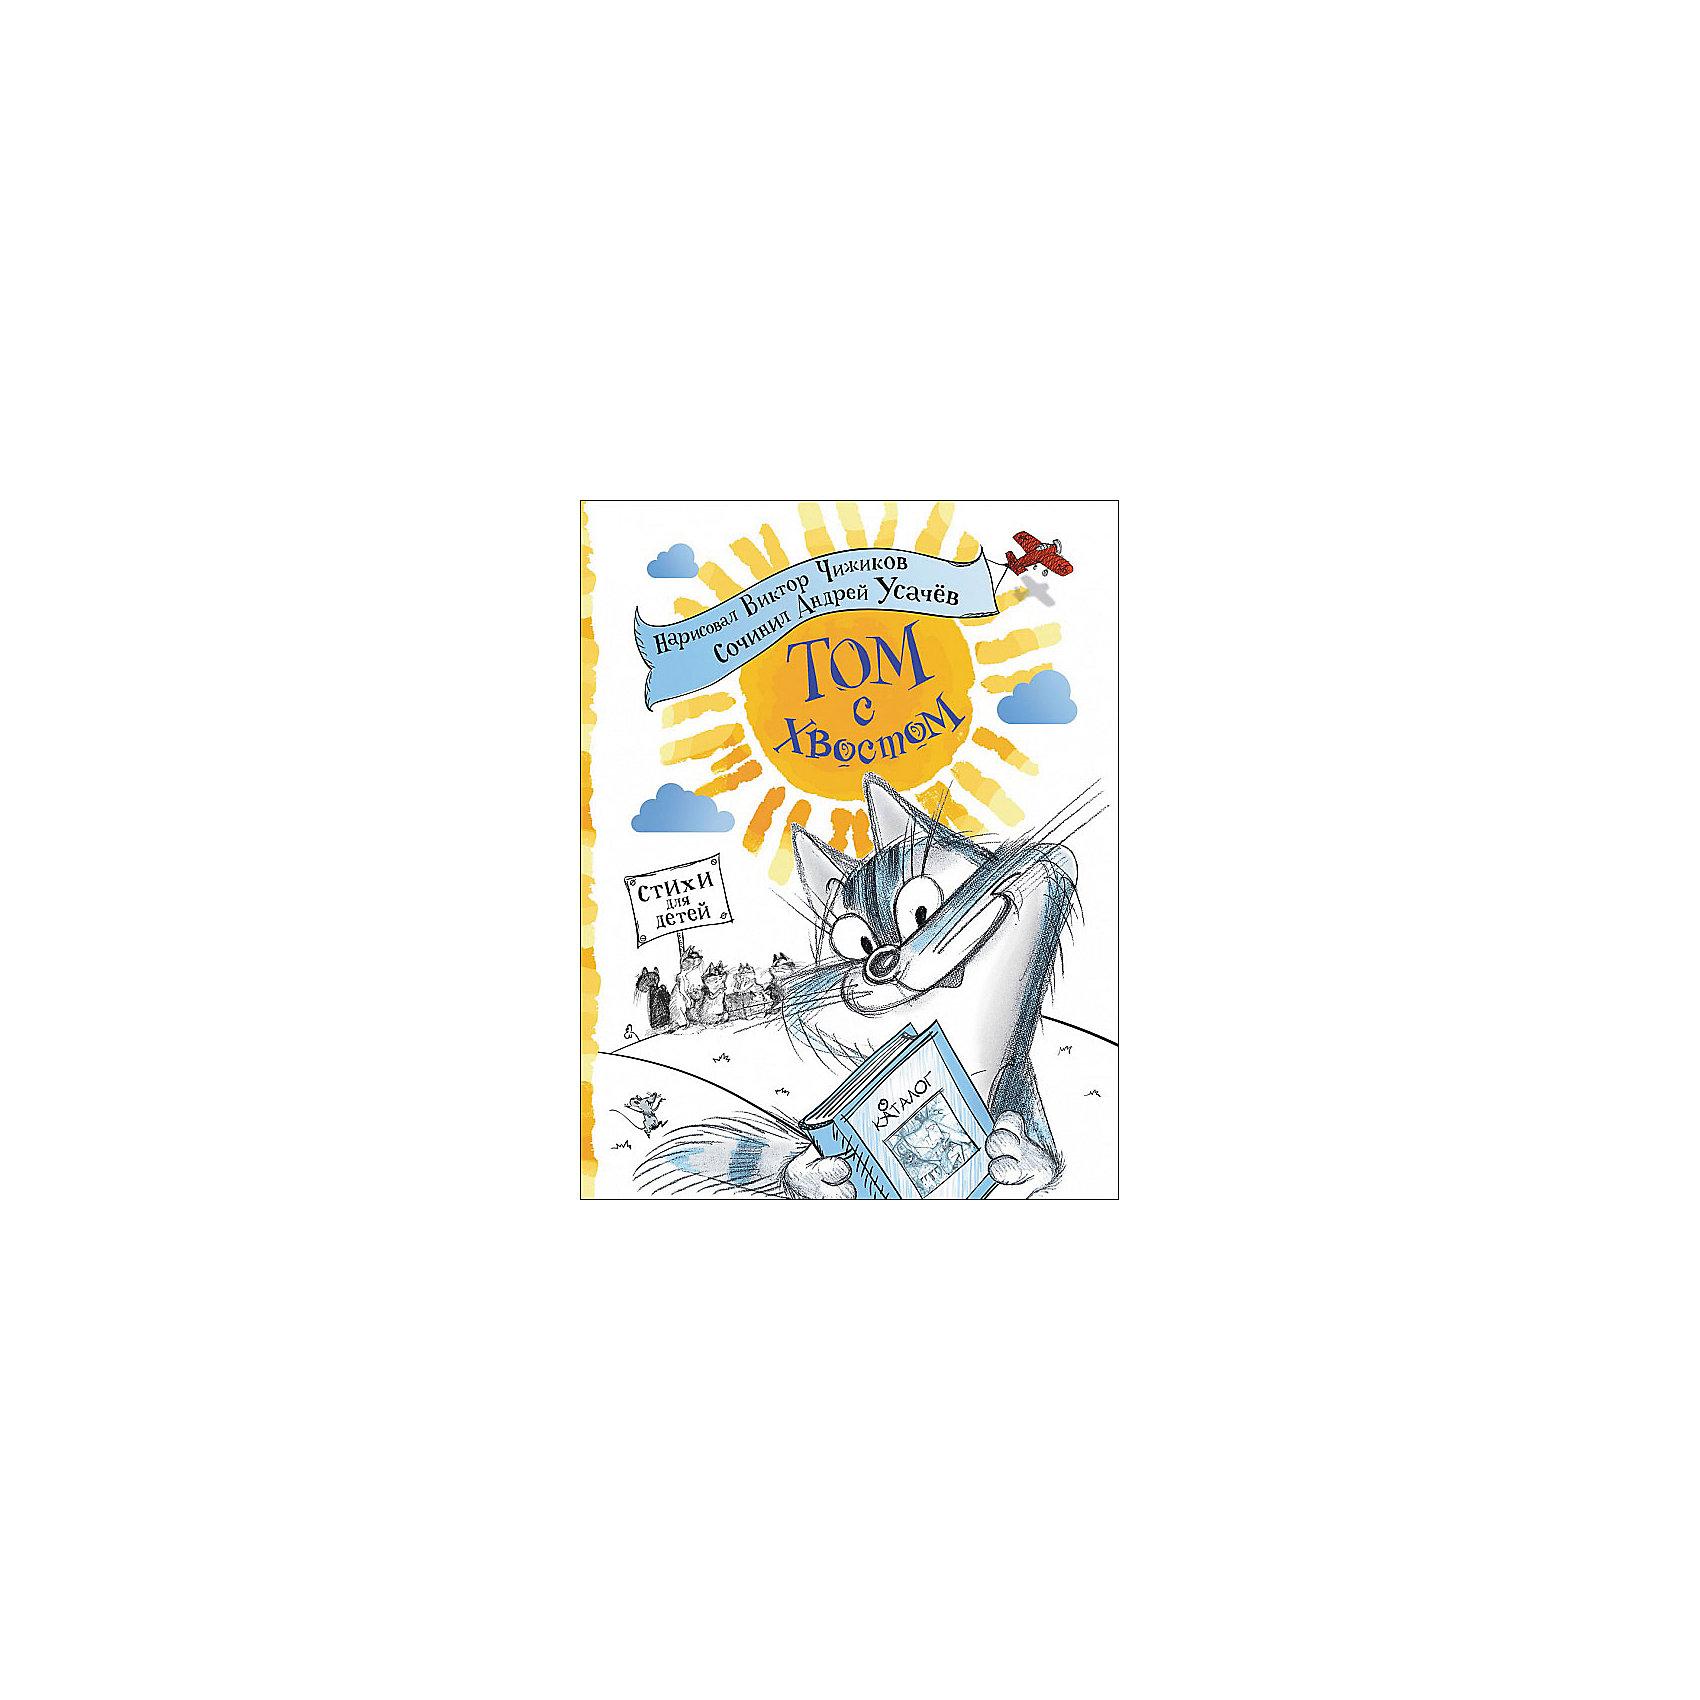 Том с хвостом (ил. В.А. Чижиков), А. УсачевСтихи<br>Том с хвостом, Усачев.<br><br>Характеристики:<br><br>- Автор: А. Усачев<br>- Художник: В. Чижиков<br>- Издательство: Росмэн<br>- Тип обложки: твердый переплет, плотная бумага или картон<br>- Иллюстрации: цветные<br>- Количество страниц: 128<br>- Размер: 260 х 205 x 10 мм.<br>- Вес: 510 гр.<br><br>Книга «Том с хвостом» – результат творческого тандема известного детского поэта Андрея Усачева и народного художника Российской Федерации Виктора Александровича Чижикова.  В книге собраны портреты разнообразных котов, которые Виктор Александрович рисовал в течение 30 лет и складывал в стол, пока Андрей Усачев не предложил написать к ним стихи. Книга адресована детям дошкольного возраста и всем поклонникам котов.<br><br>Книгу «Том с хвостом», Усачев можно купить в нашем интернет-магазине.<br><br>Ширина мм: 260<br>Глубина мм: 205<br>Высота мм: 10<br>Вес г: 510<br>Возраст от месяцев: 60<br>Возраст до месяцев: 84<br>Пол: Унисекс<br>Возраст: Детский<br>SKU: 5109669